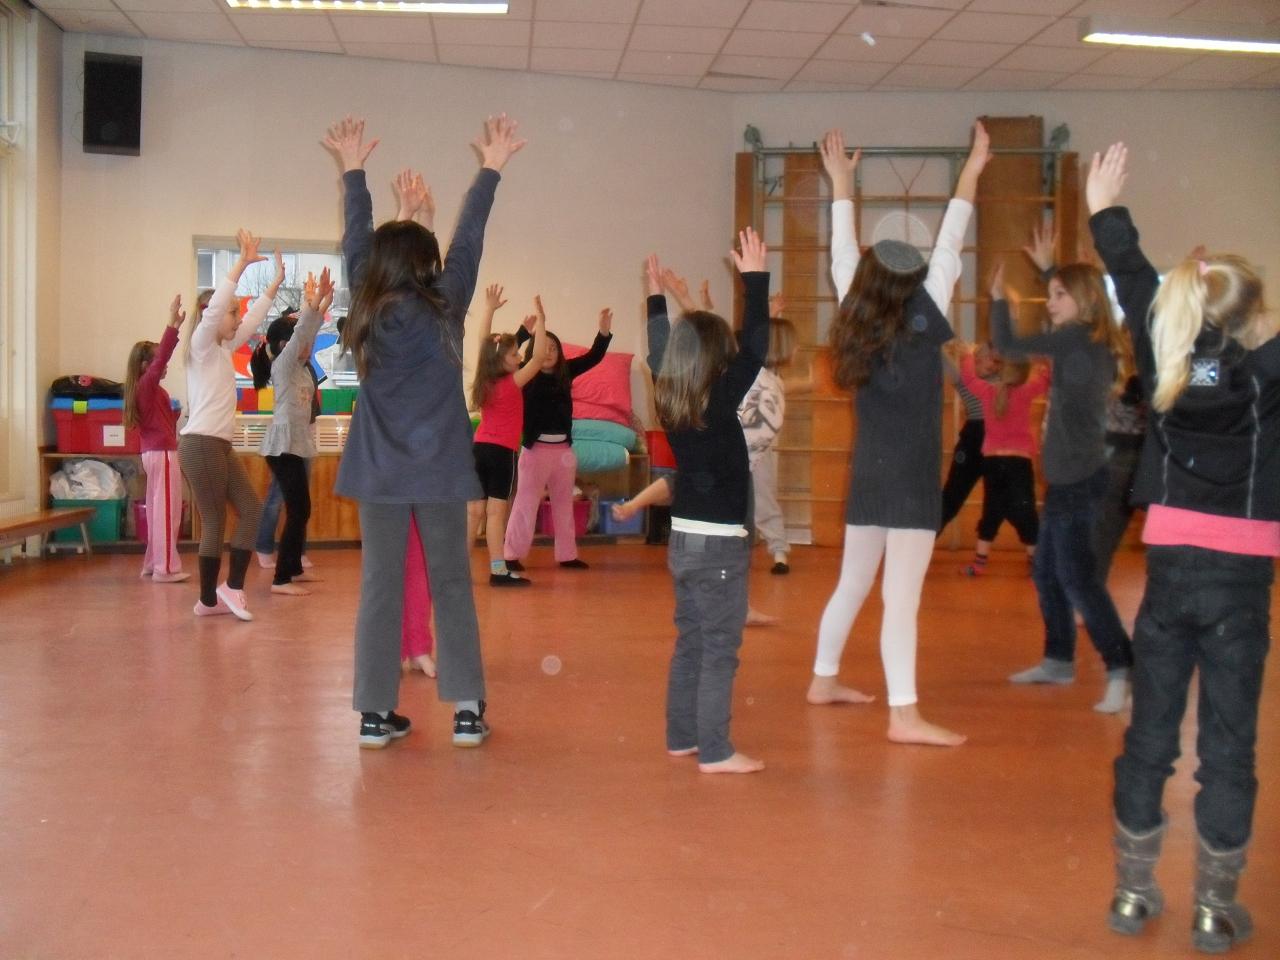 Dansen vanuit een thema